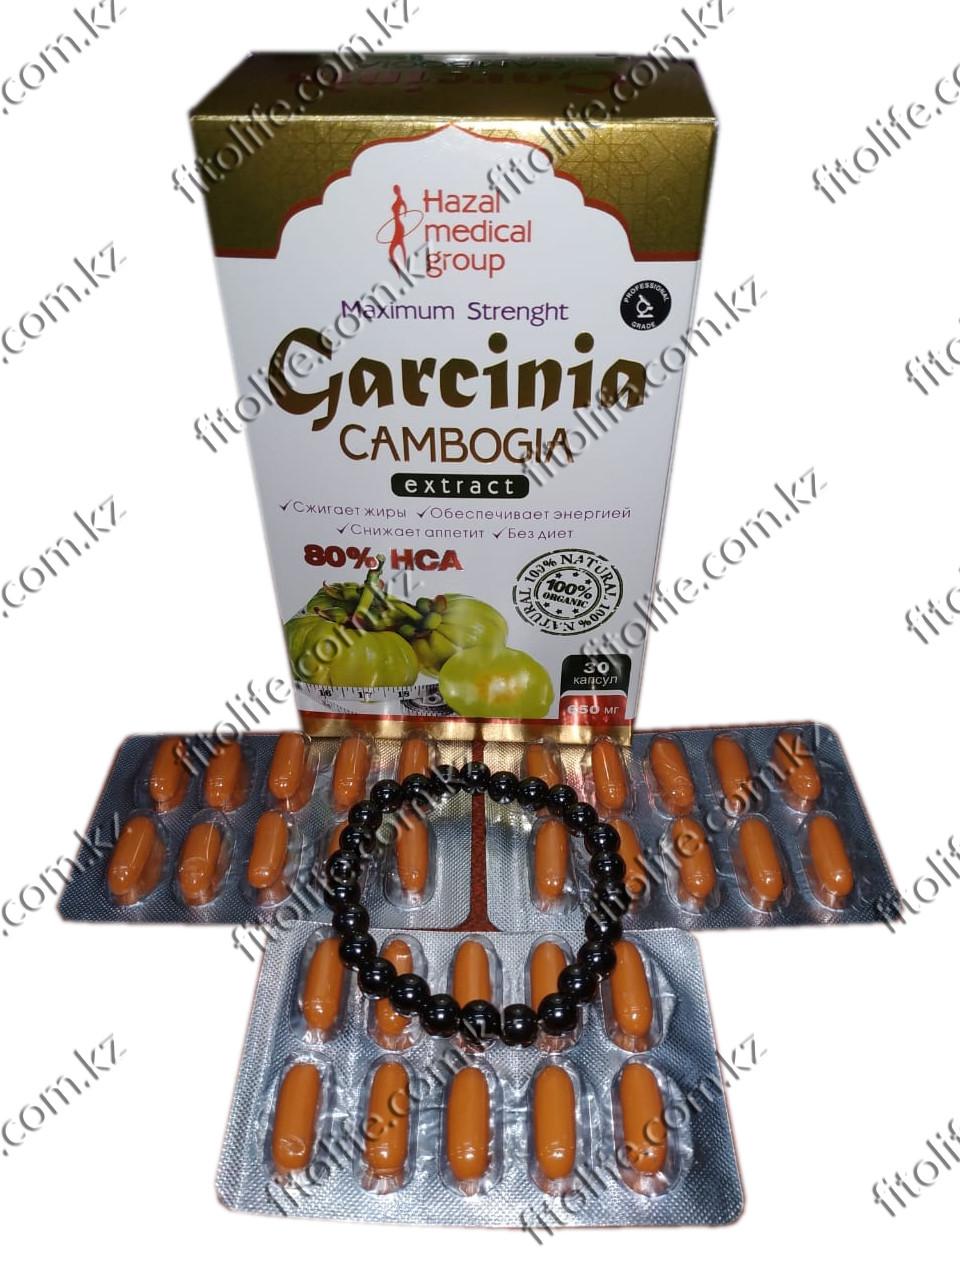 Гарциния камбоджийская капсулы для похудения